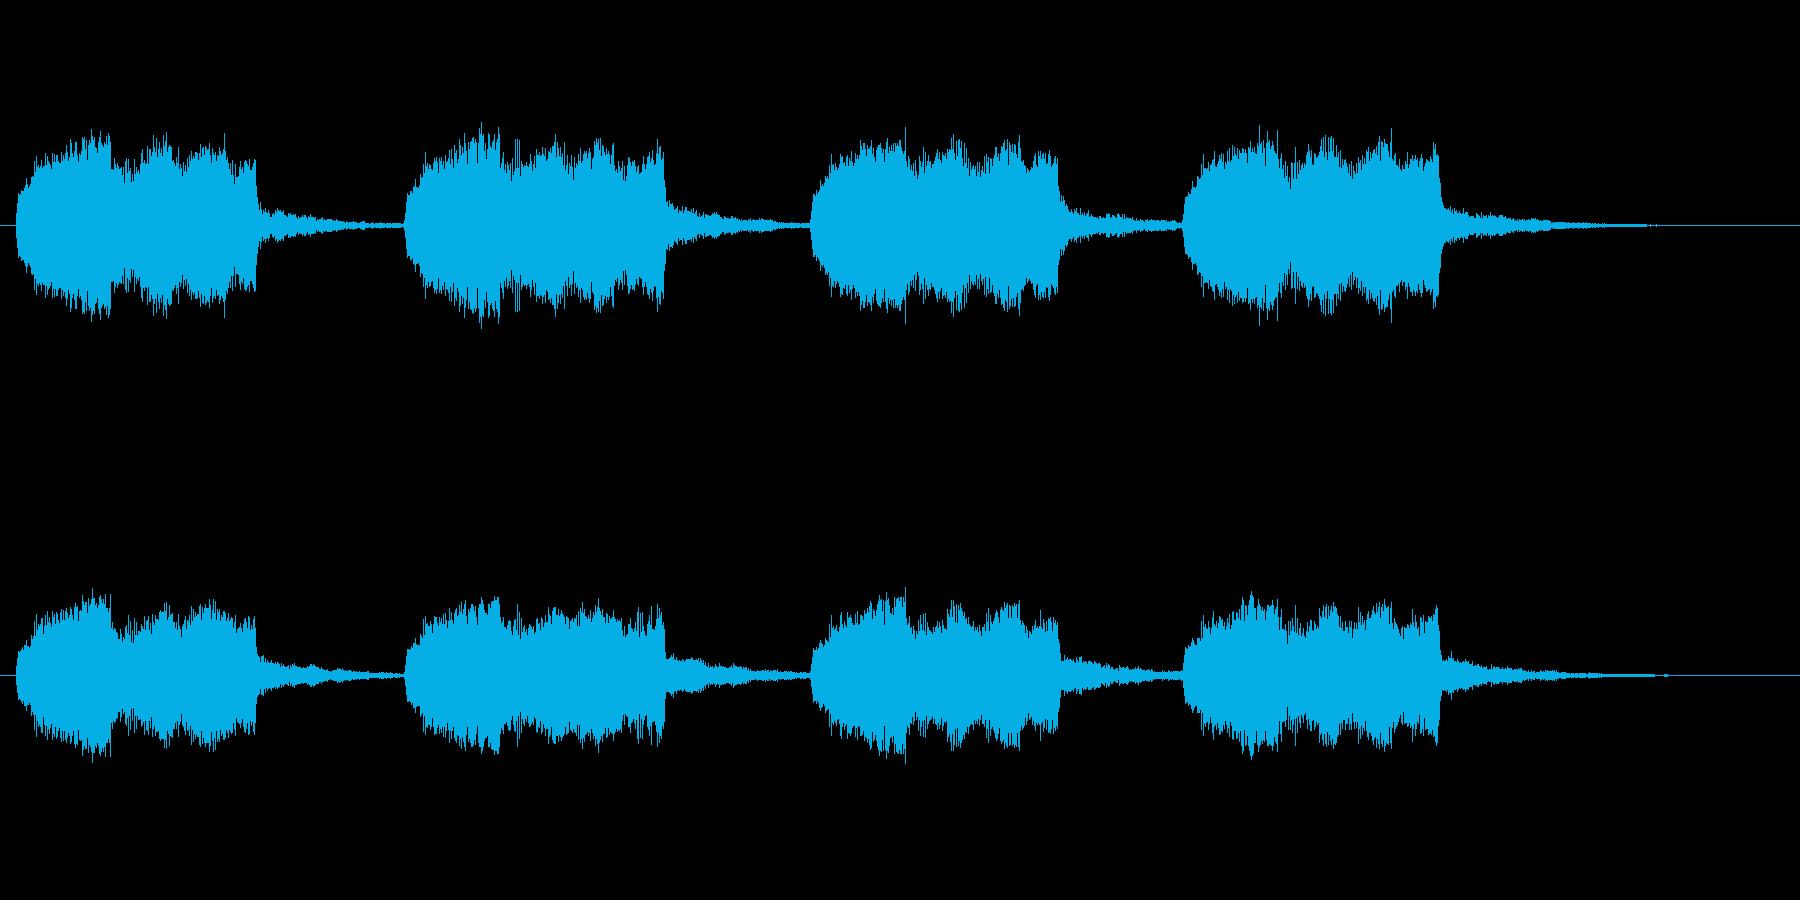 ロボットやロケット工場とかのブザー音の再生済みの波形